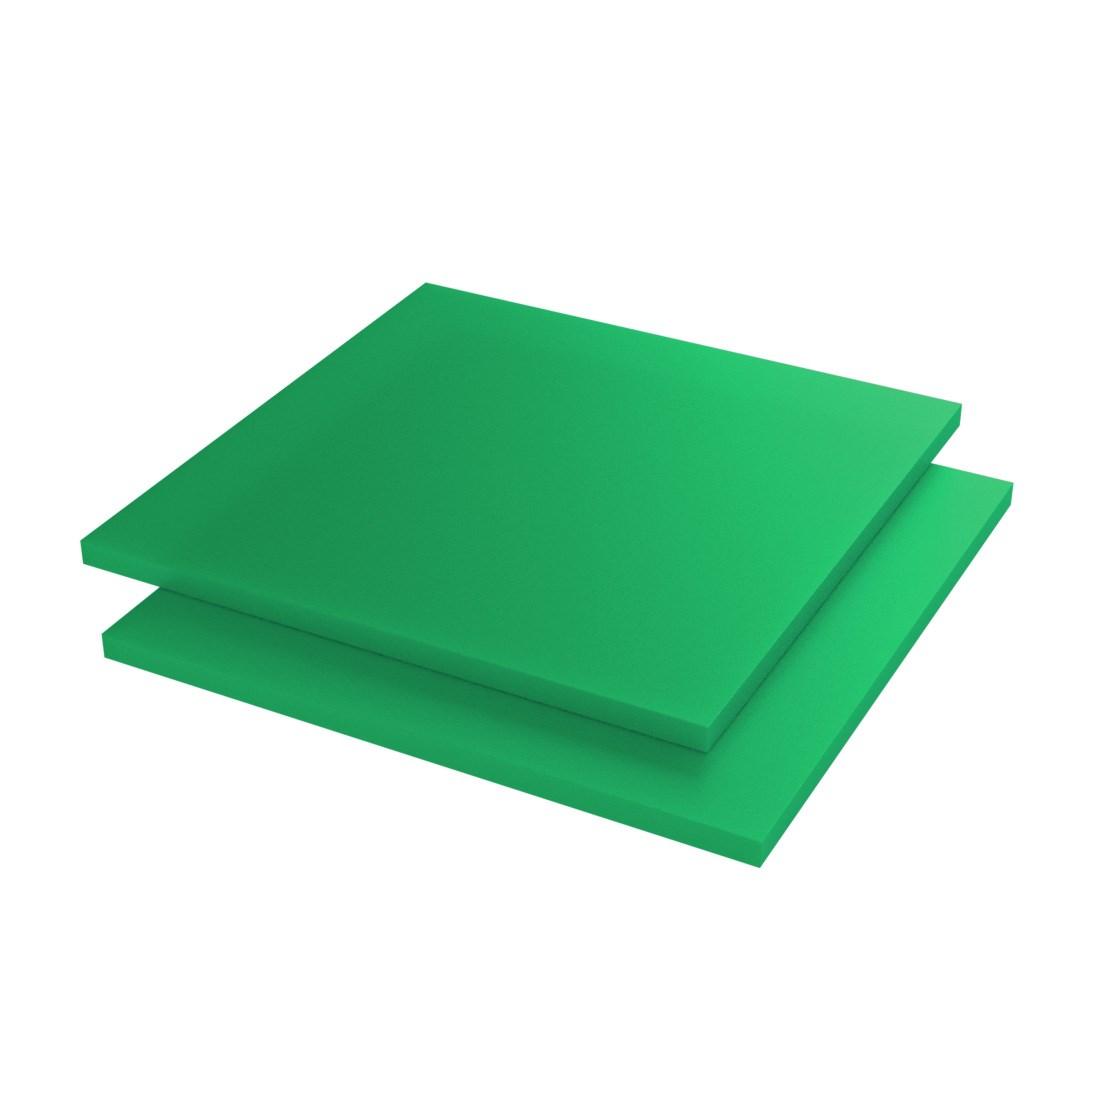 Vinplast HMPE500 Plaat Geperst/gevlakt Groen 2000x1000x10mm